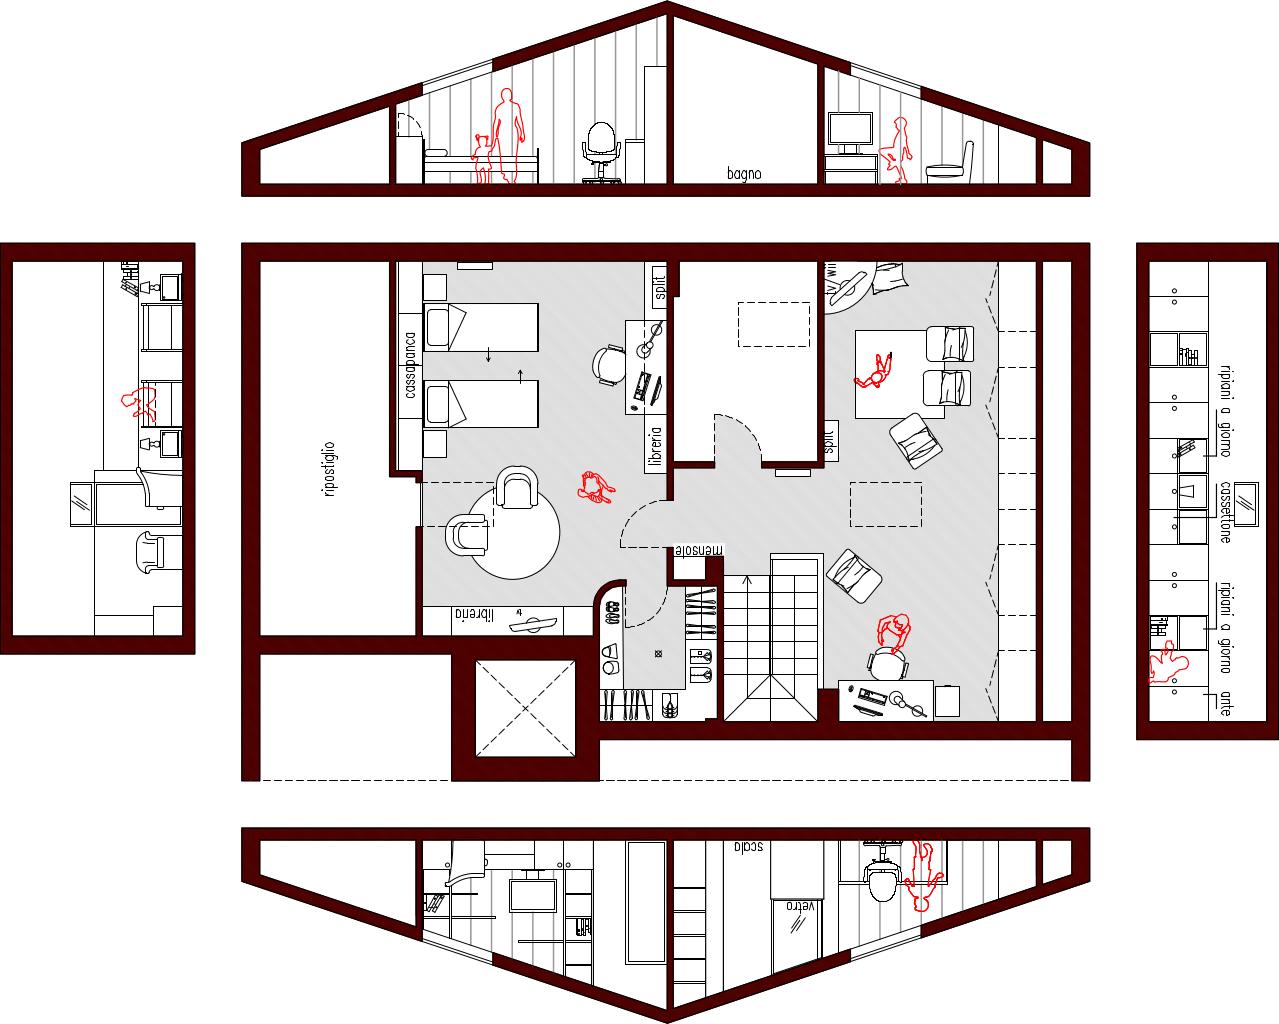 Progetto 80 mq architettura a domicilio - Planimetria casa 120 mq ...